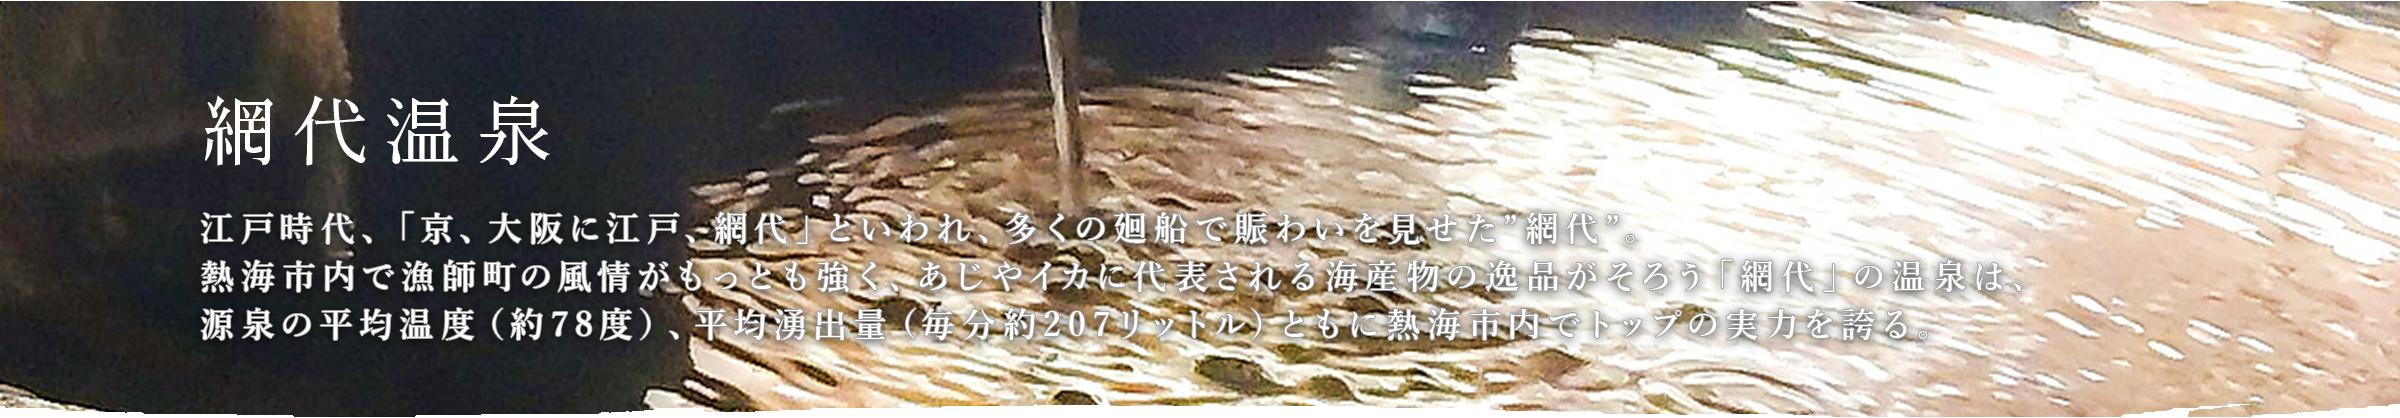 """網代温泉 江戸時代、「京、大阪に江戸、網代」といわれ、多くの廻船で賑わいを見せた""""網代""""。熱海市内で漁師町の風情がもっとも強く、あじやイカに代表される海産物の逸品がそろう「網代」の温泉は、源泉の平均温度(約78度)、平均湧出量(毎分約207リットル)ともに熱海市内でトップの実力を誇る。"""